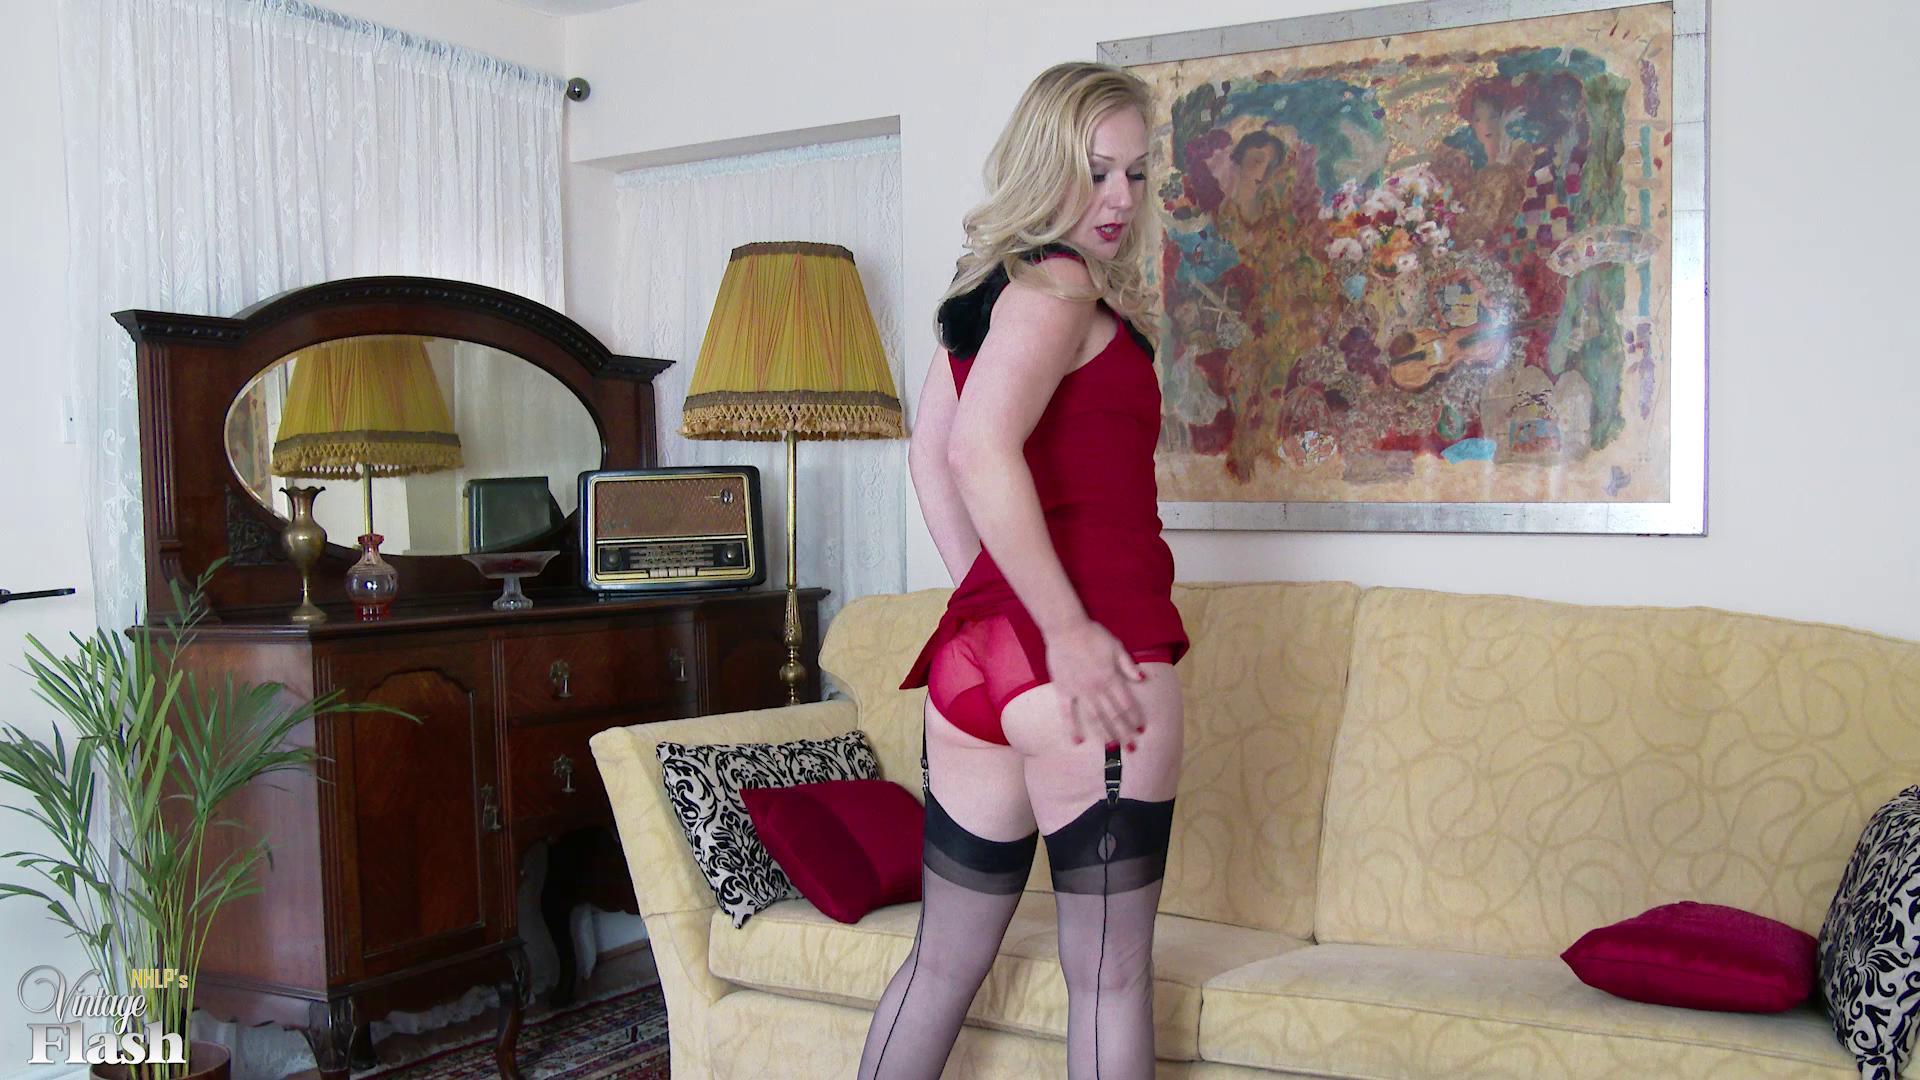 VintageFlash – Aston Wilde Sitting Room Stripper